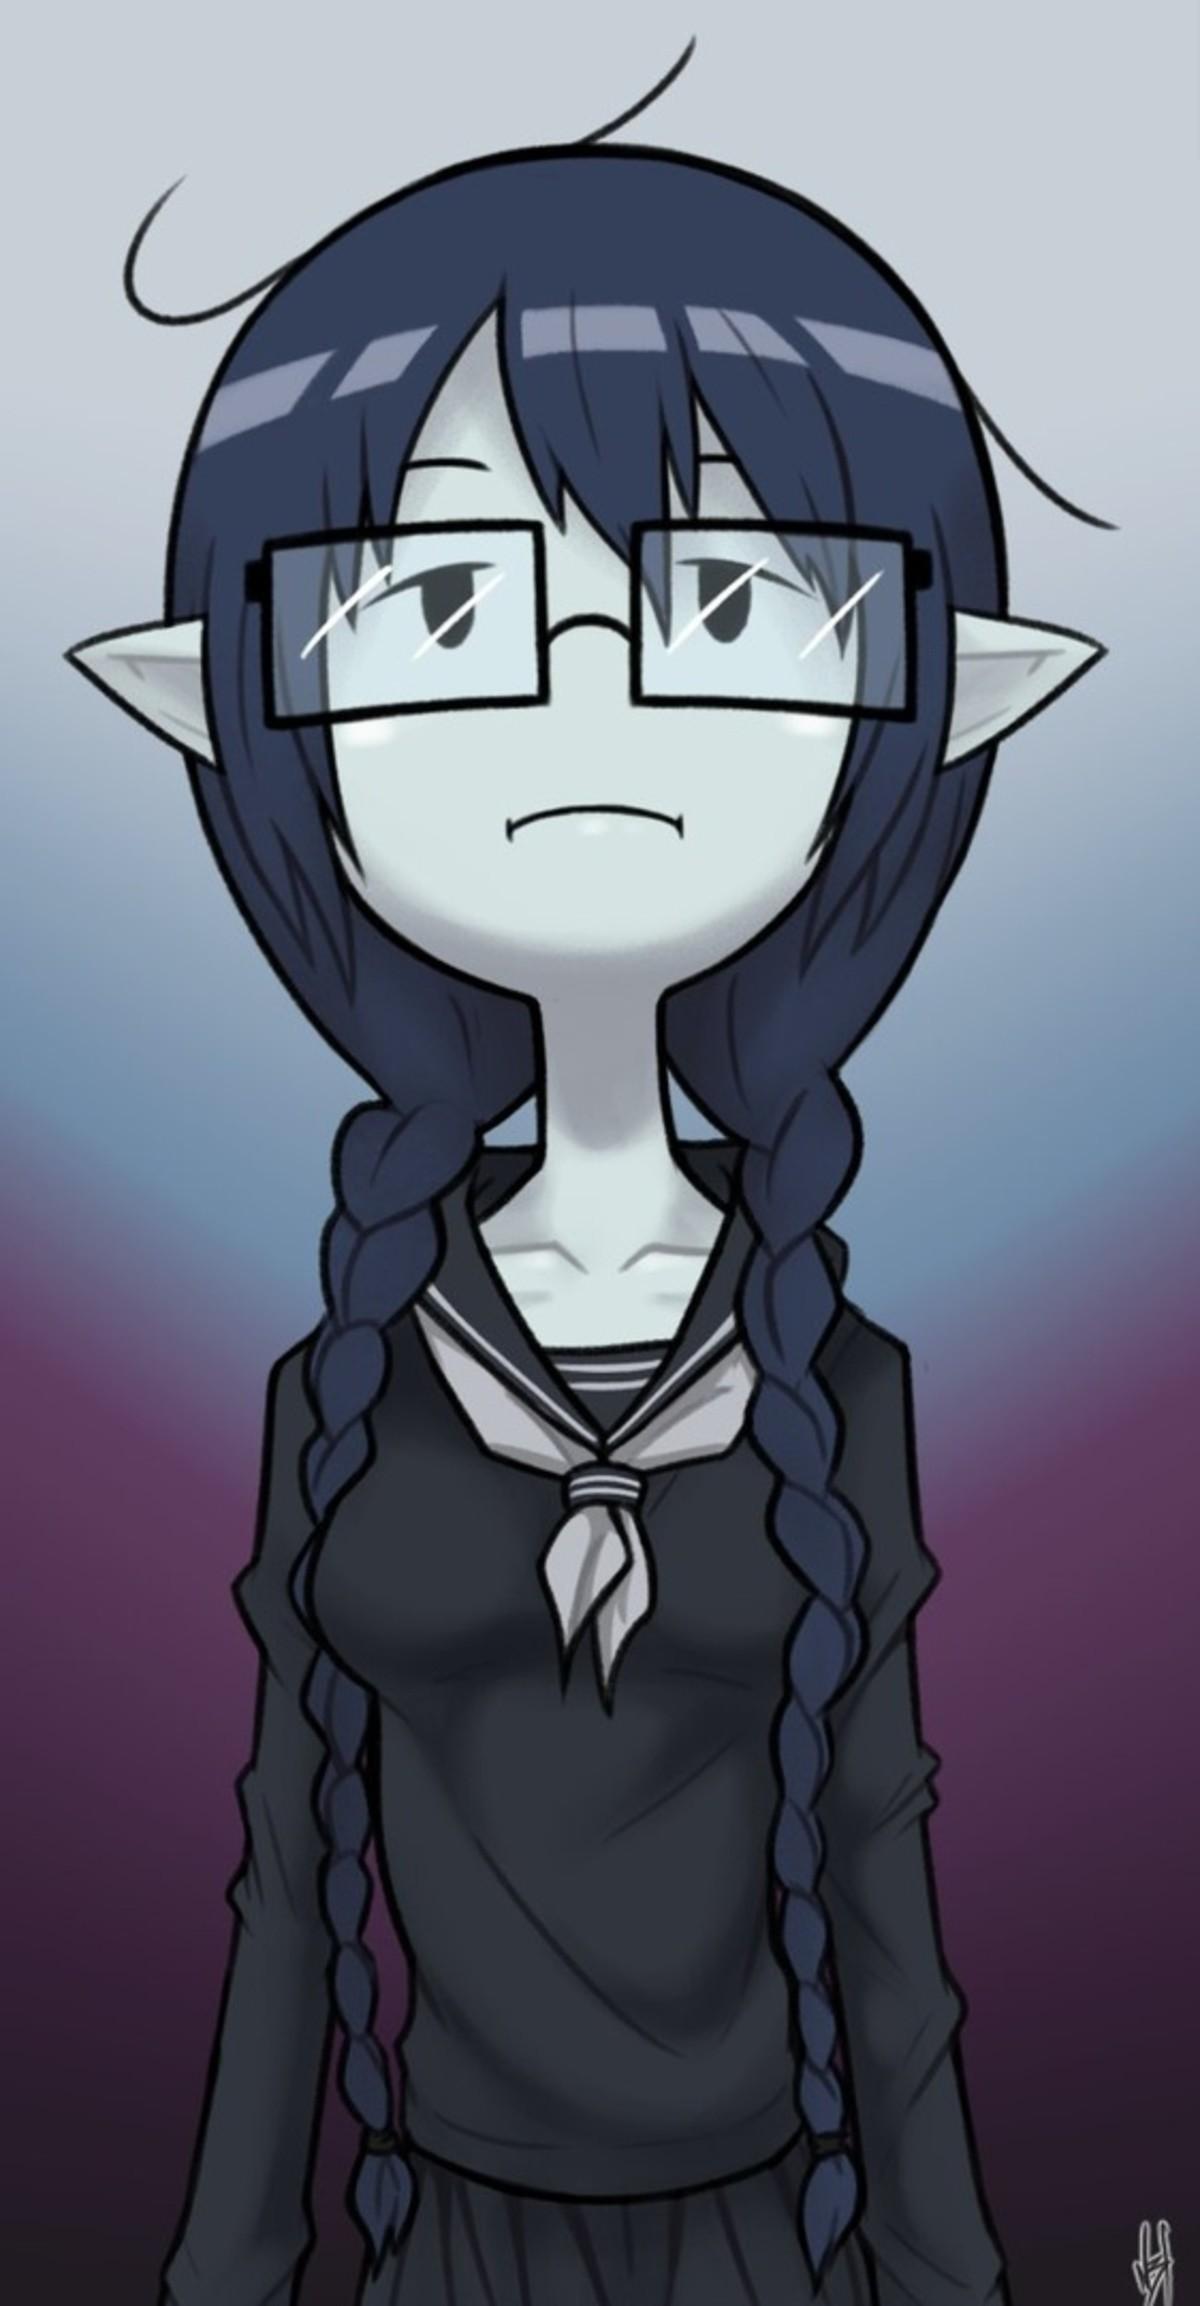 oh . .. Damn, Marceline's got some nice Gropables.